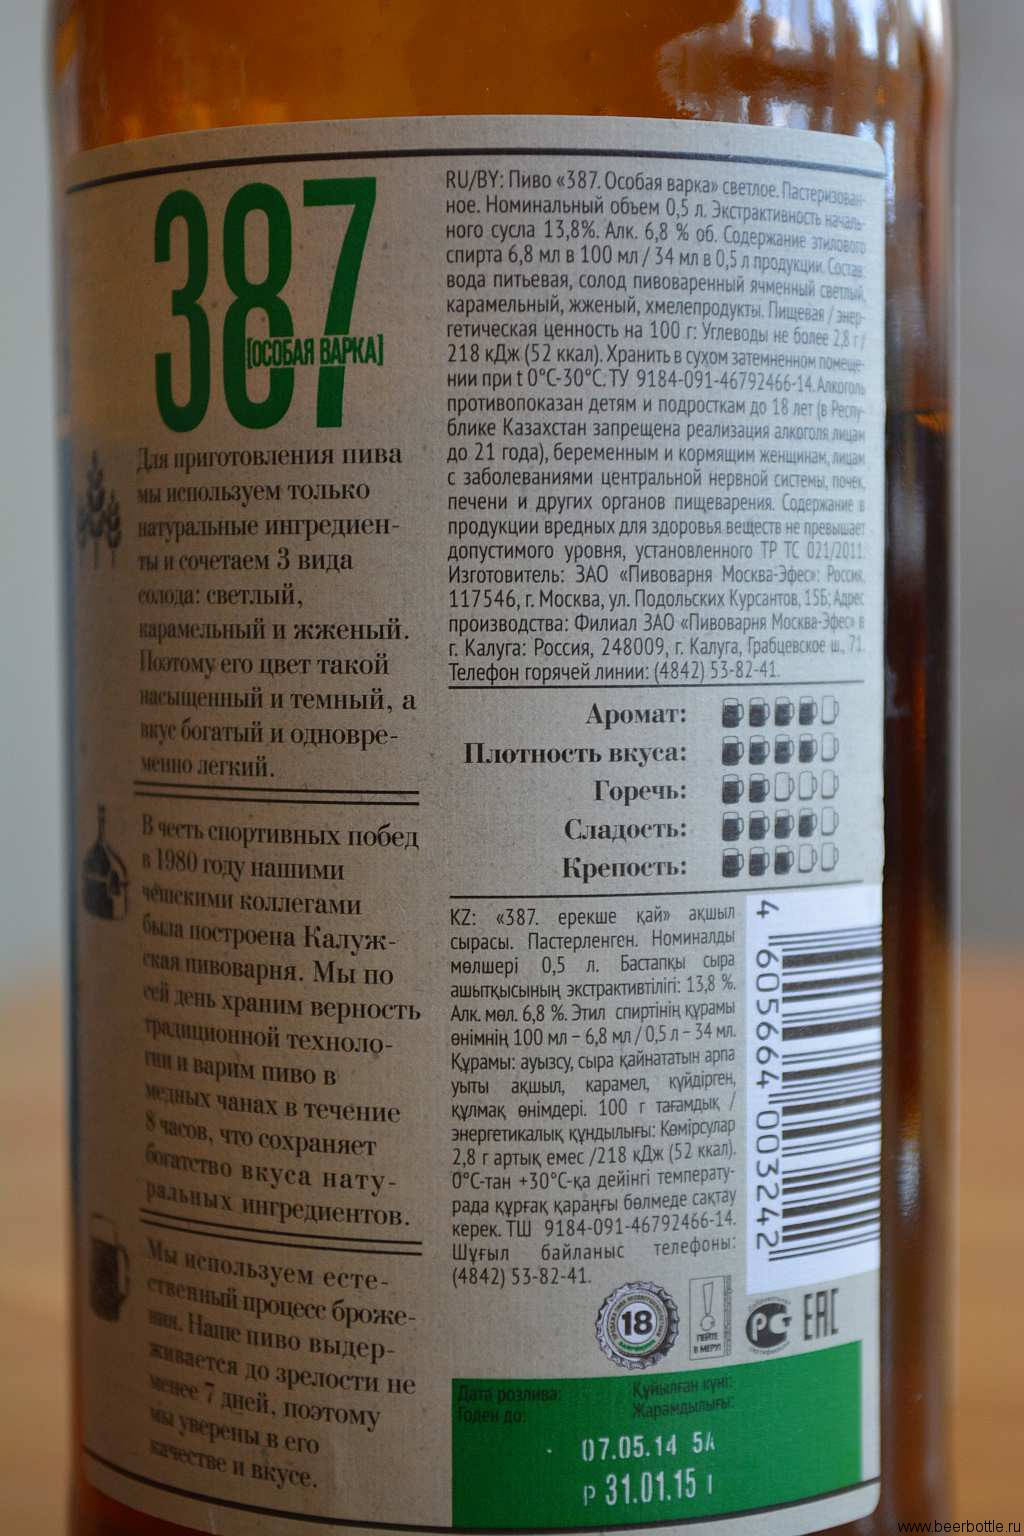 Сколько градусов пиво 387